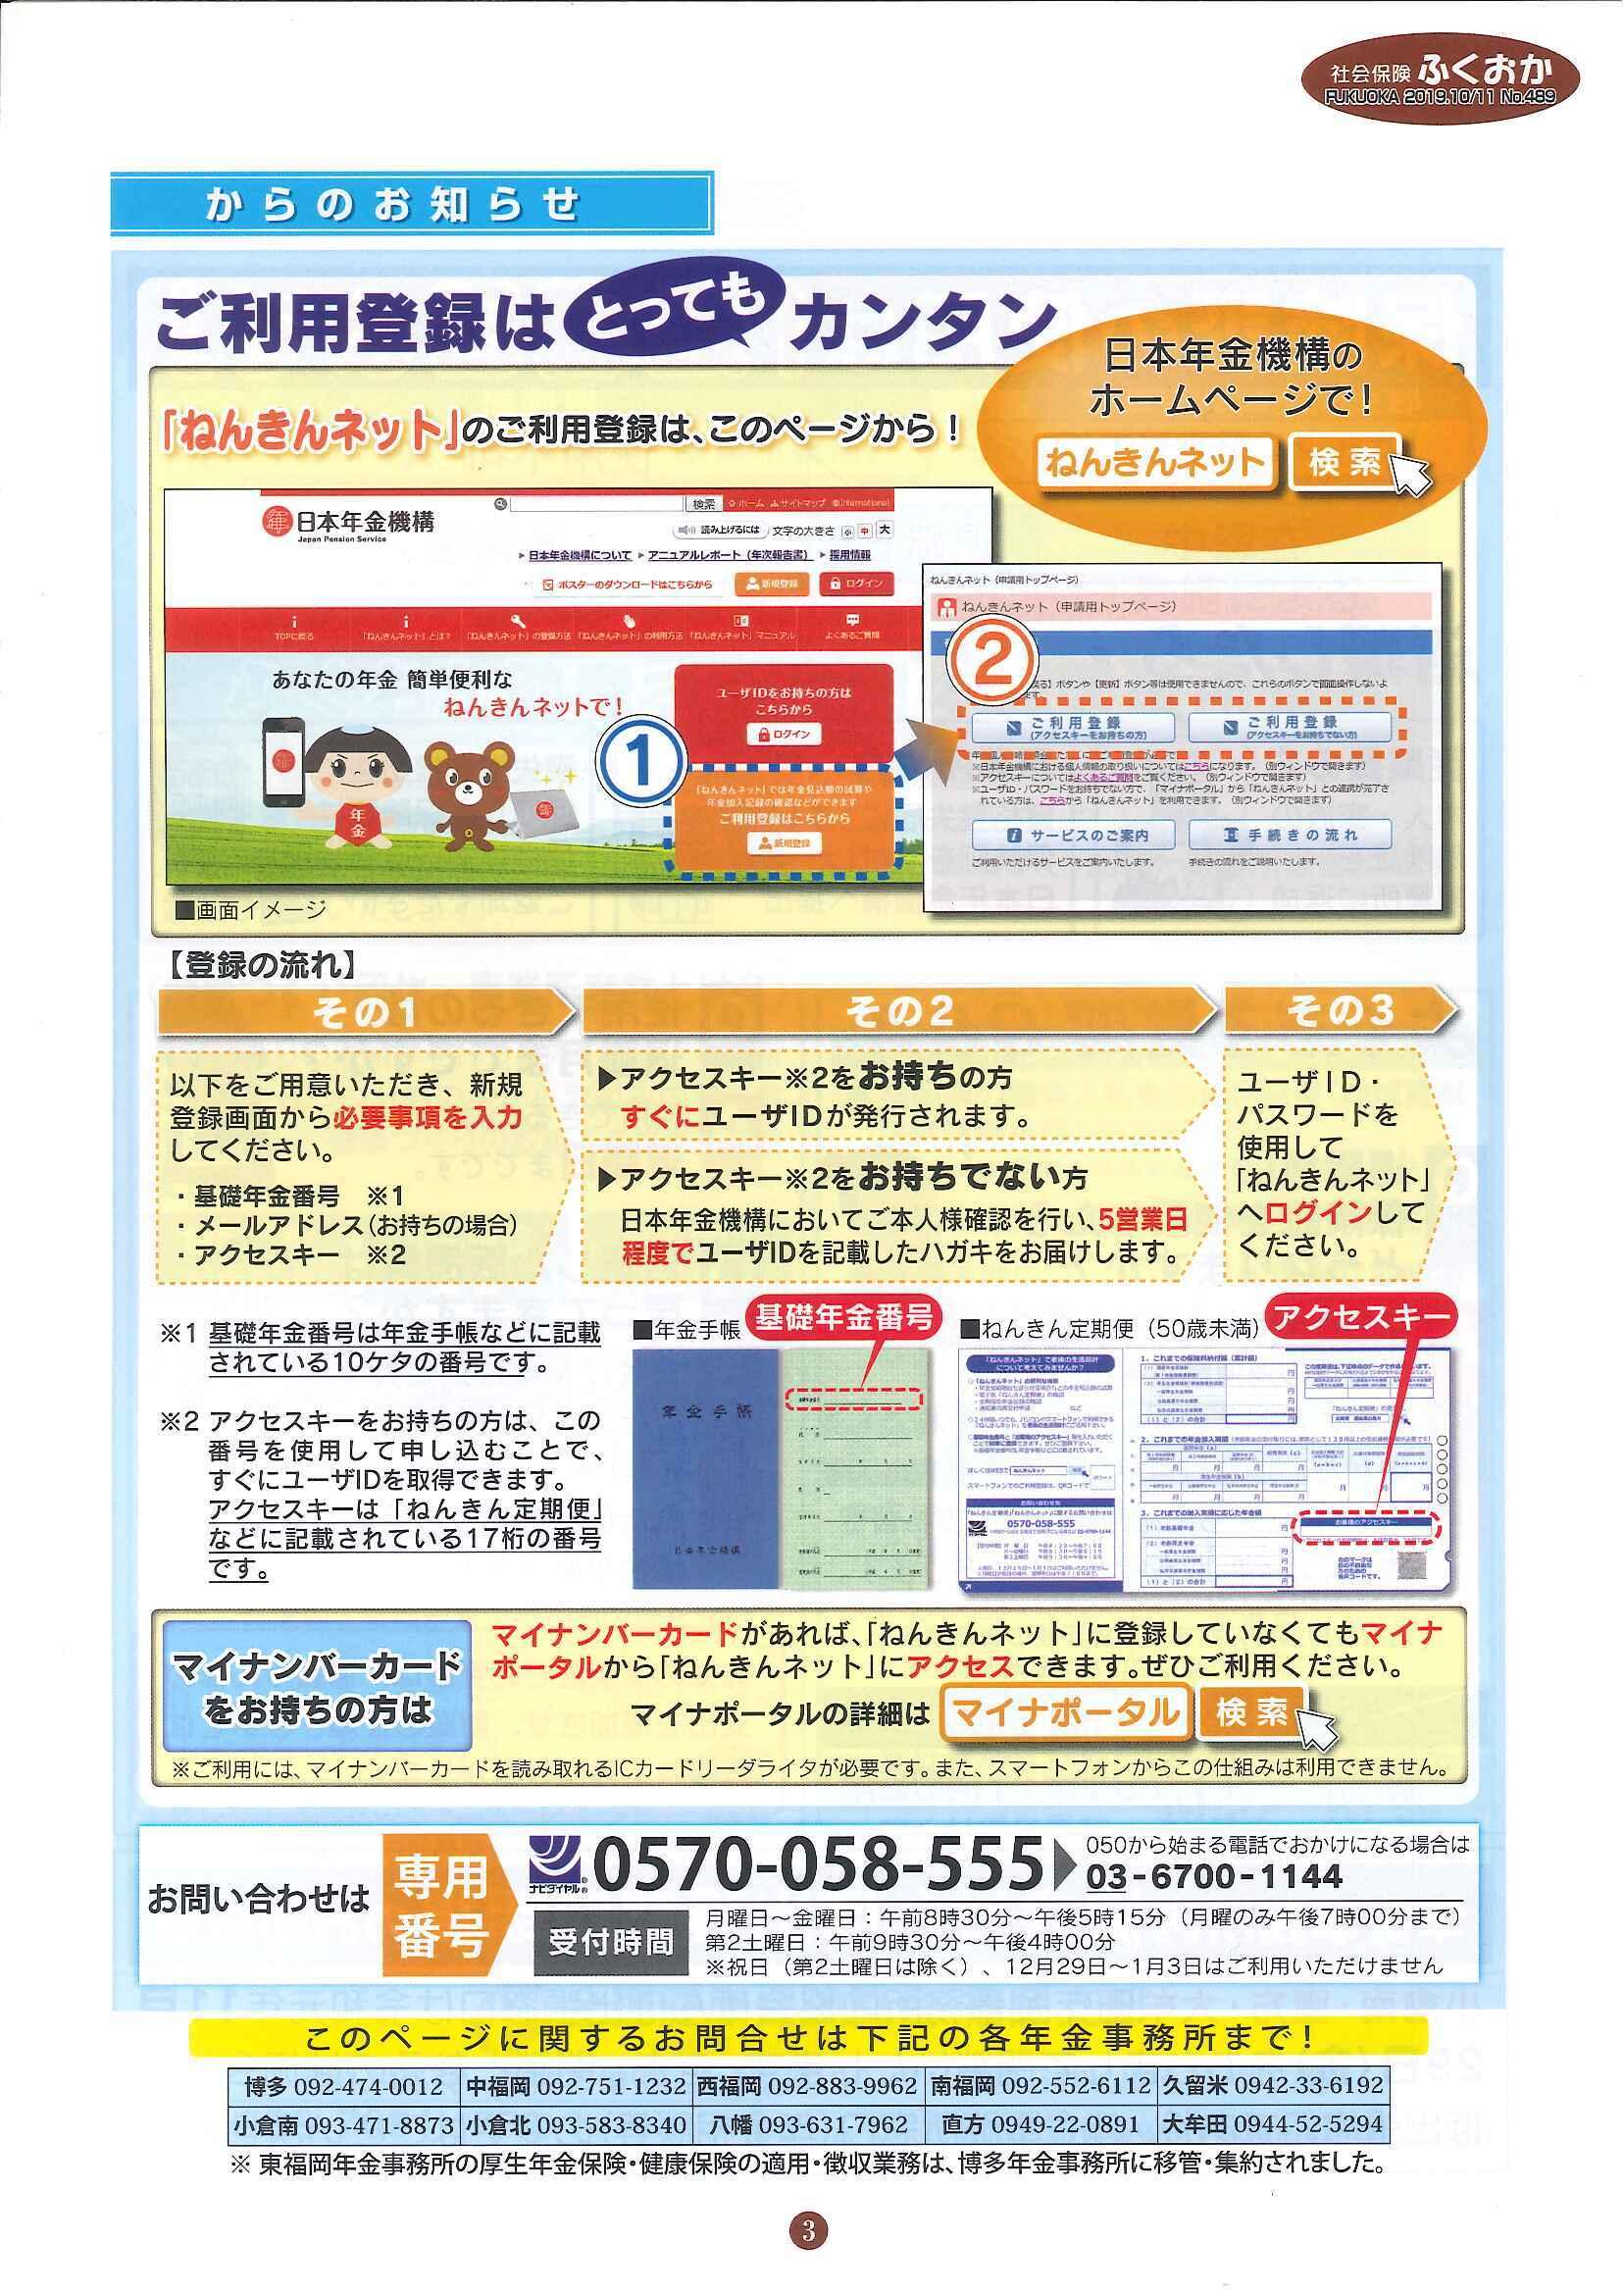 社会保険 ふくおか 2019年10・11月号_f0120774_11312645.jpg